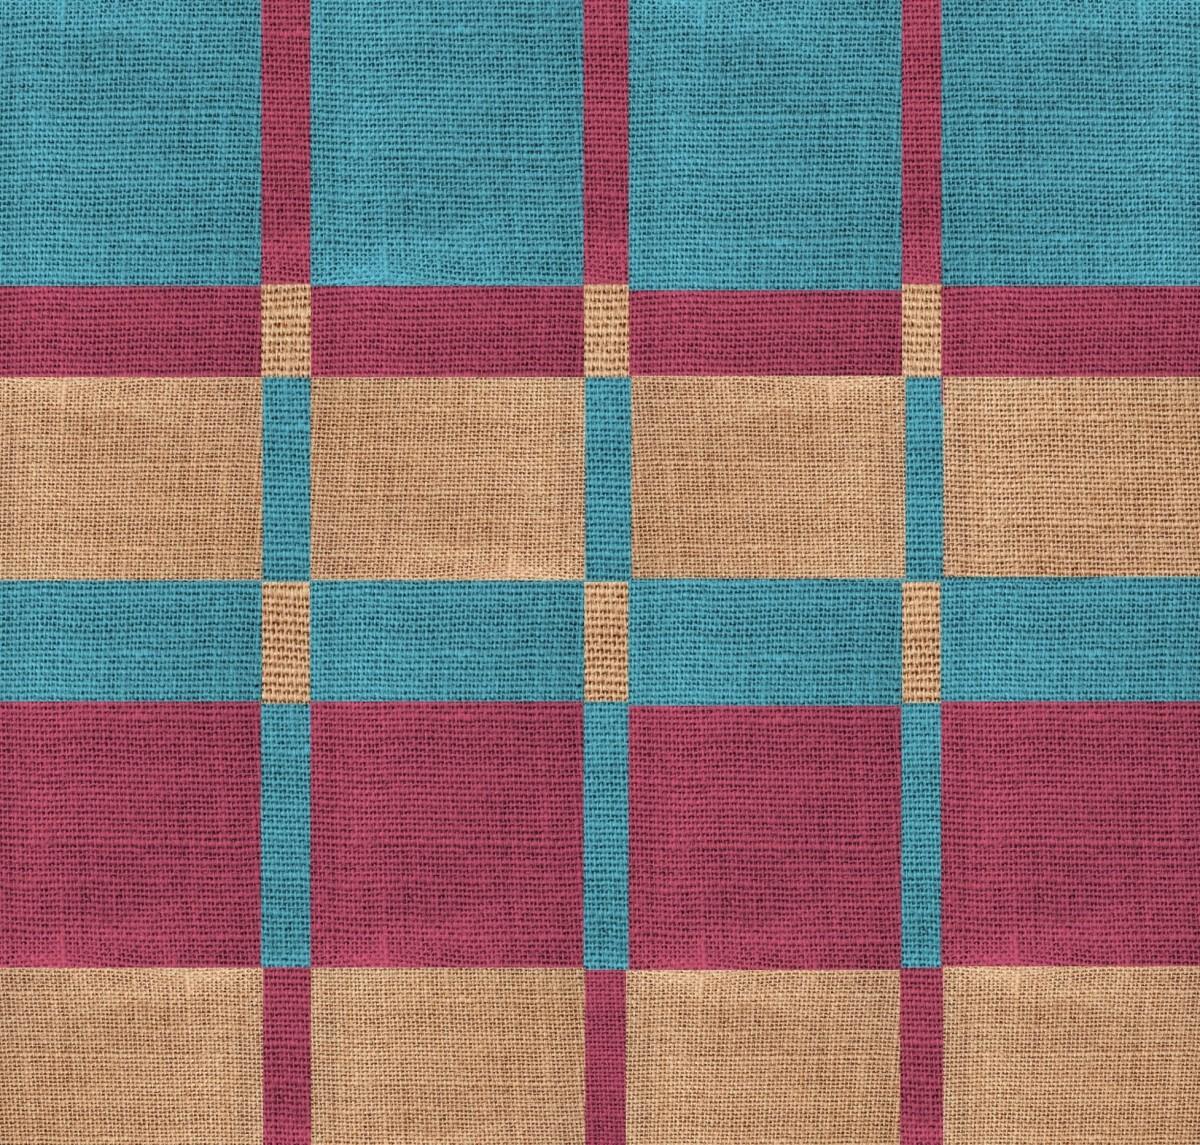 texture violet modèle géométrique Couleur bleu Coloré la laine Matériel cercle en tissu Toile de jute textile art conception beige fond d'écran magenta Emballage Toile de fond bordeaux sol